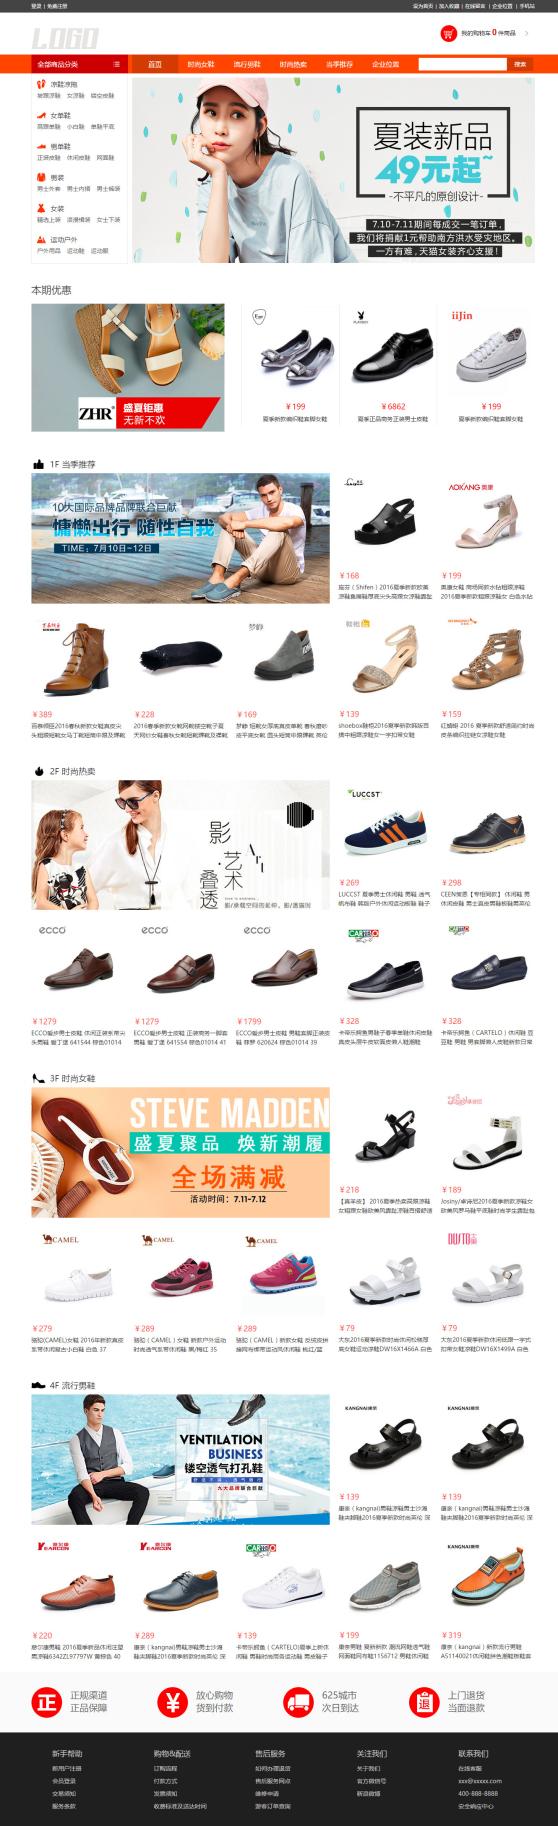 精品服装鞋帽商城系统模板